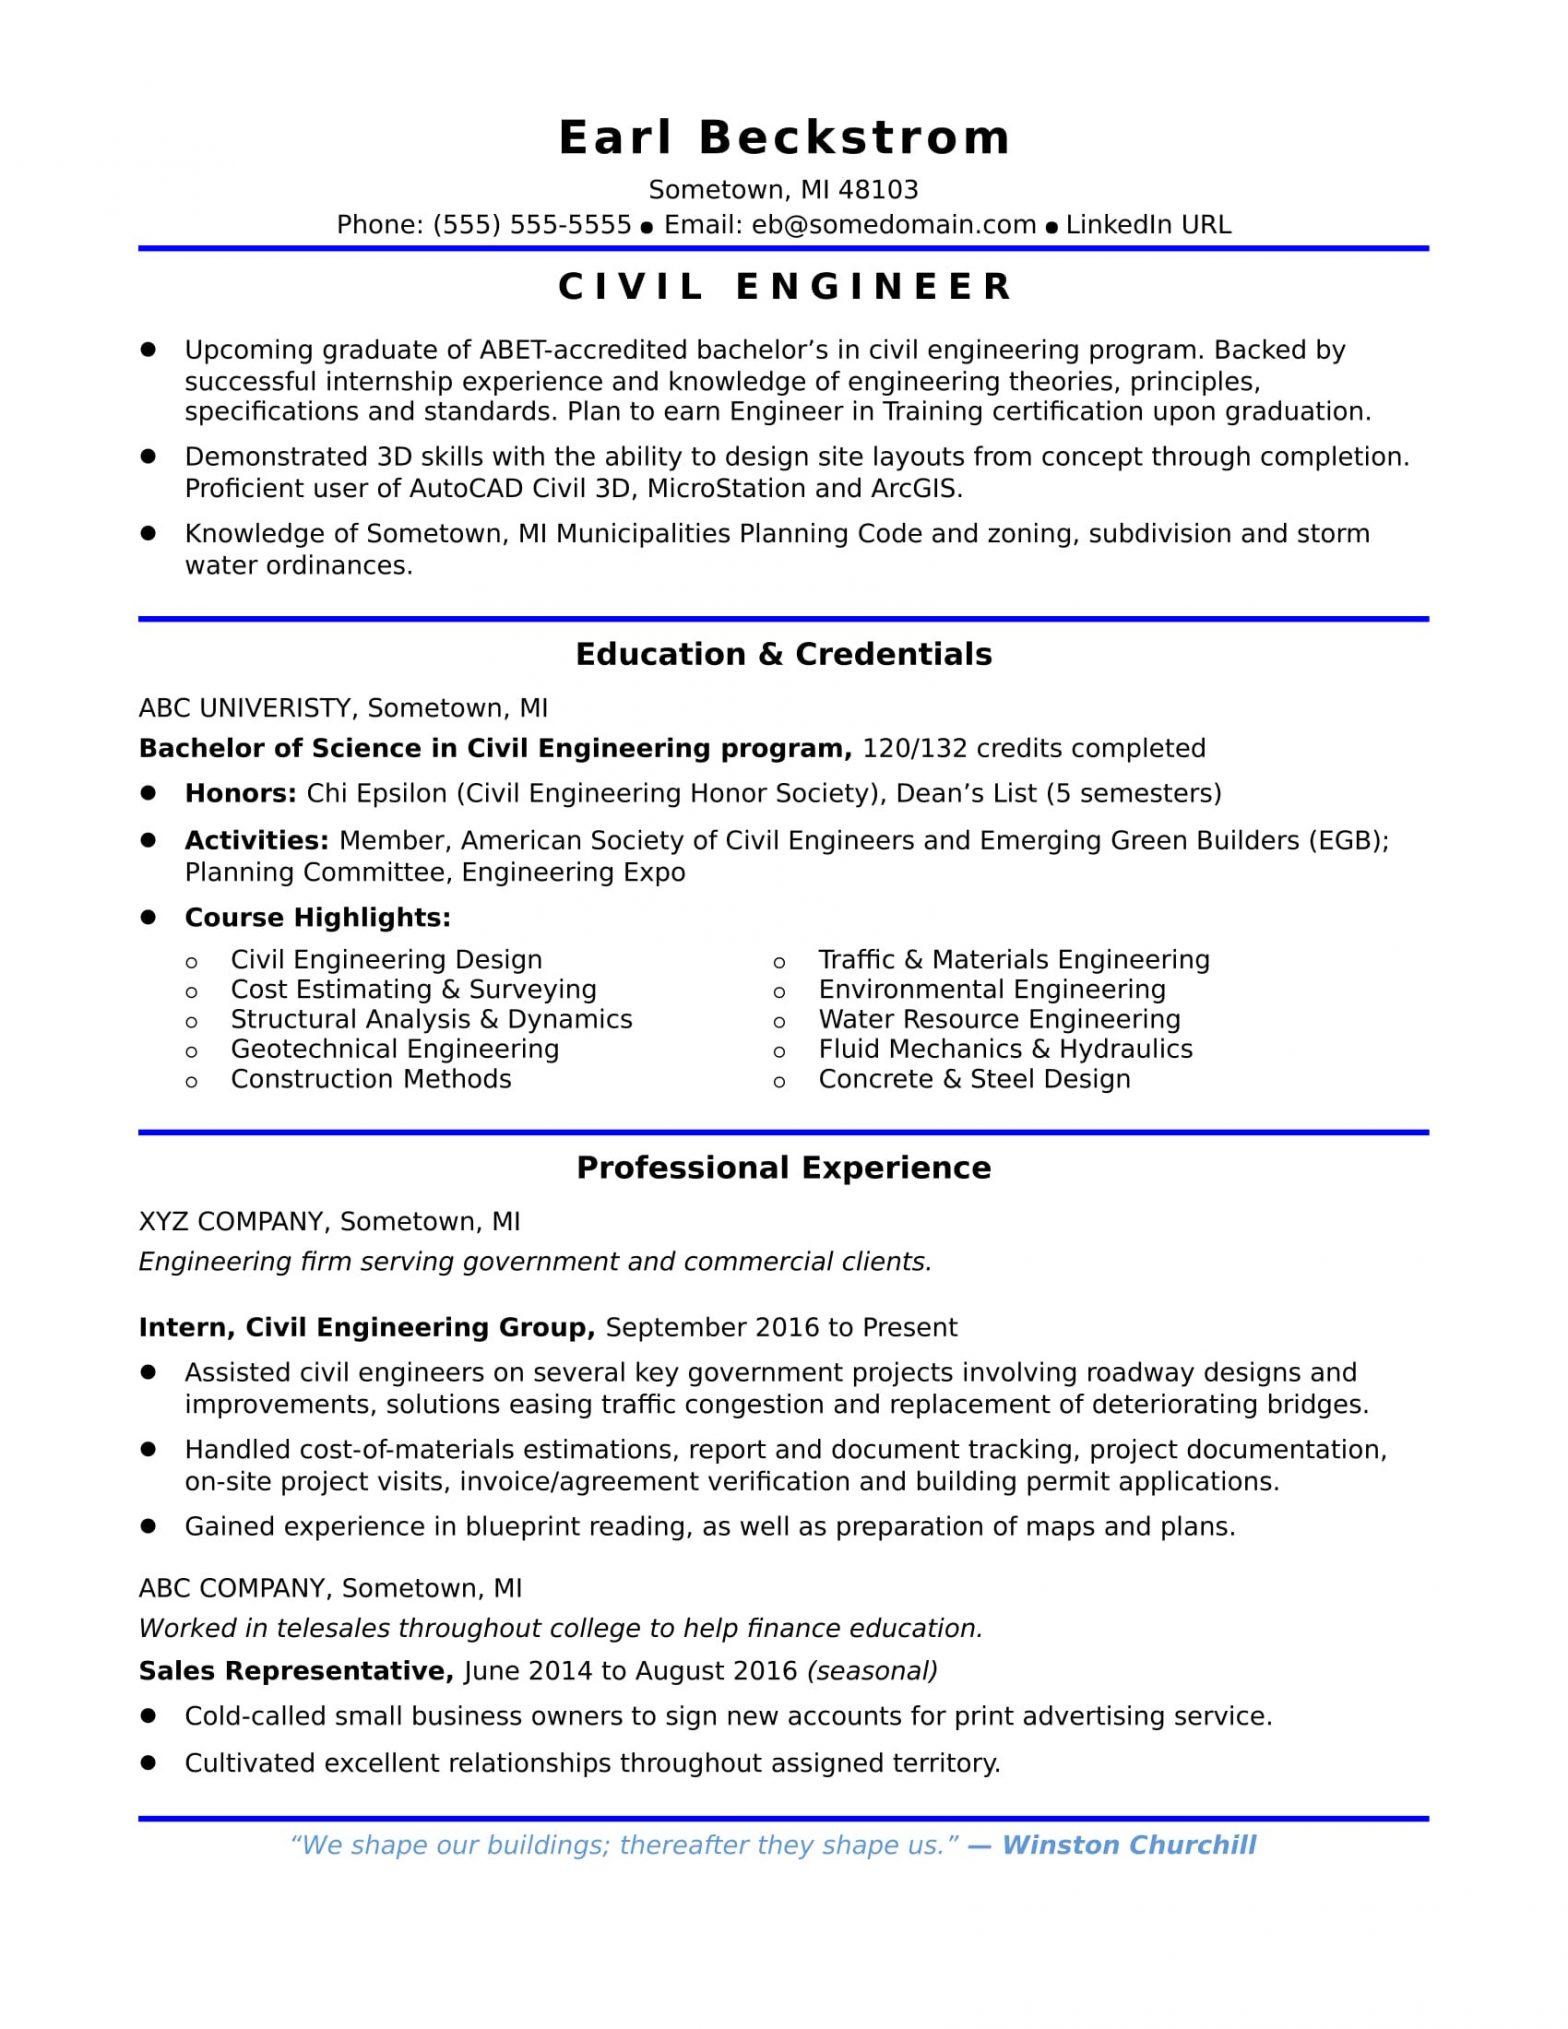 Sample Resume for Entry Level Civil Engineer Sample Resume for An Entry Level Civil Engineer